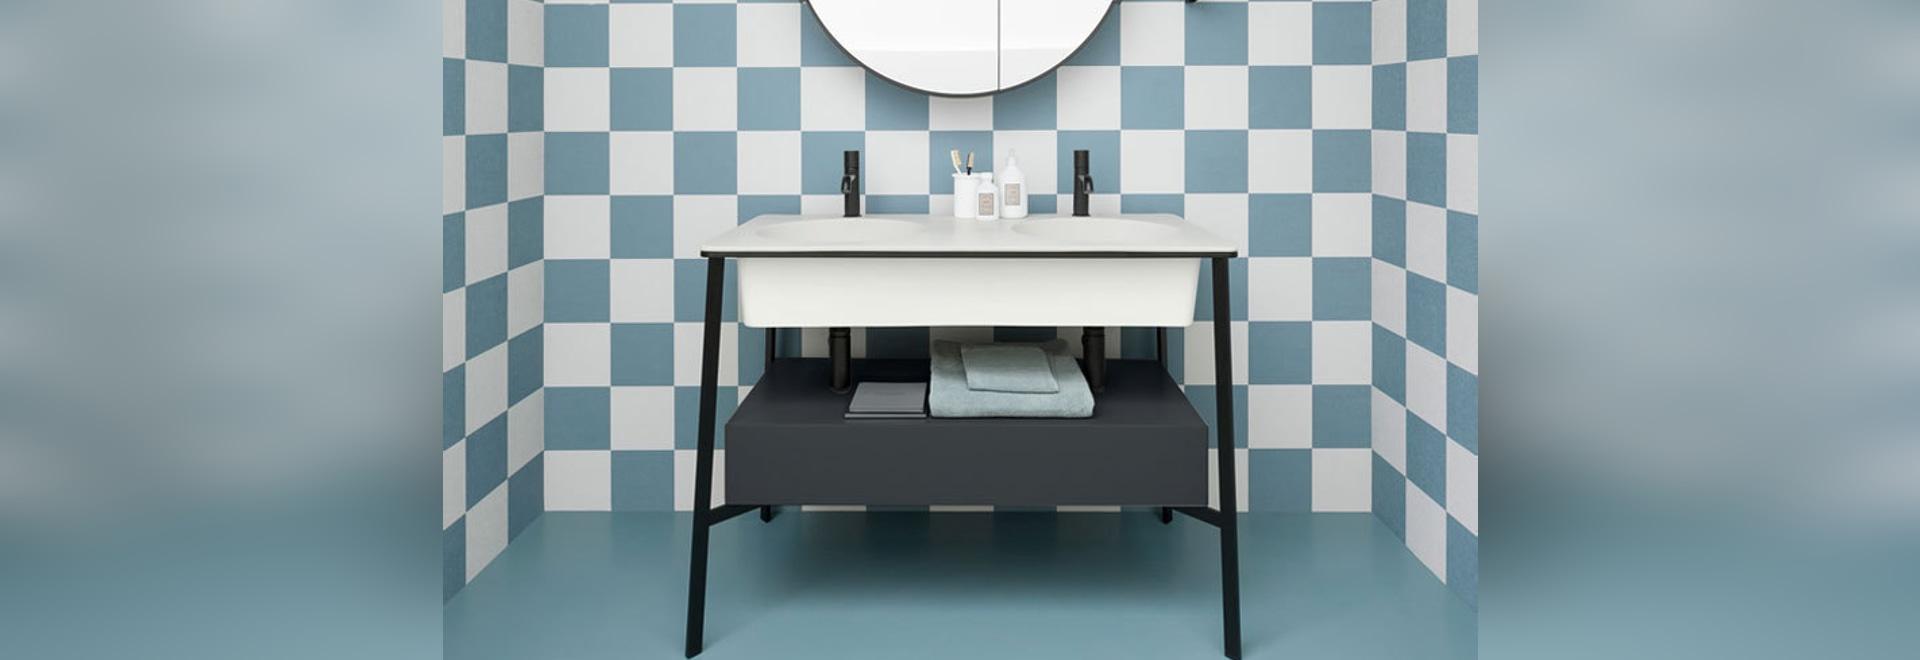 I Catini collection design Andrea Parisio and Giuseppe Pezzano